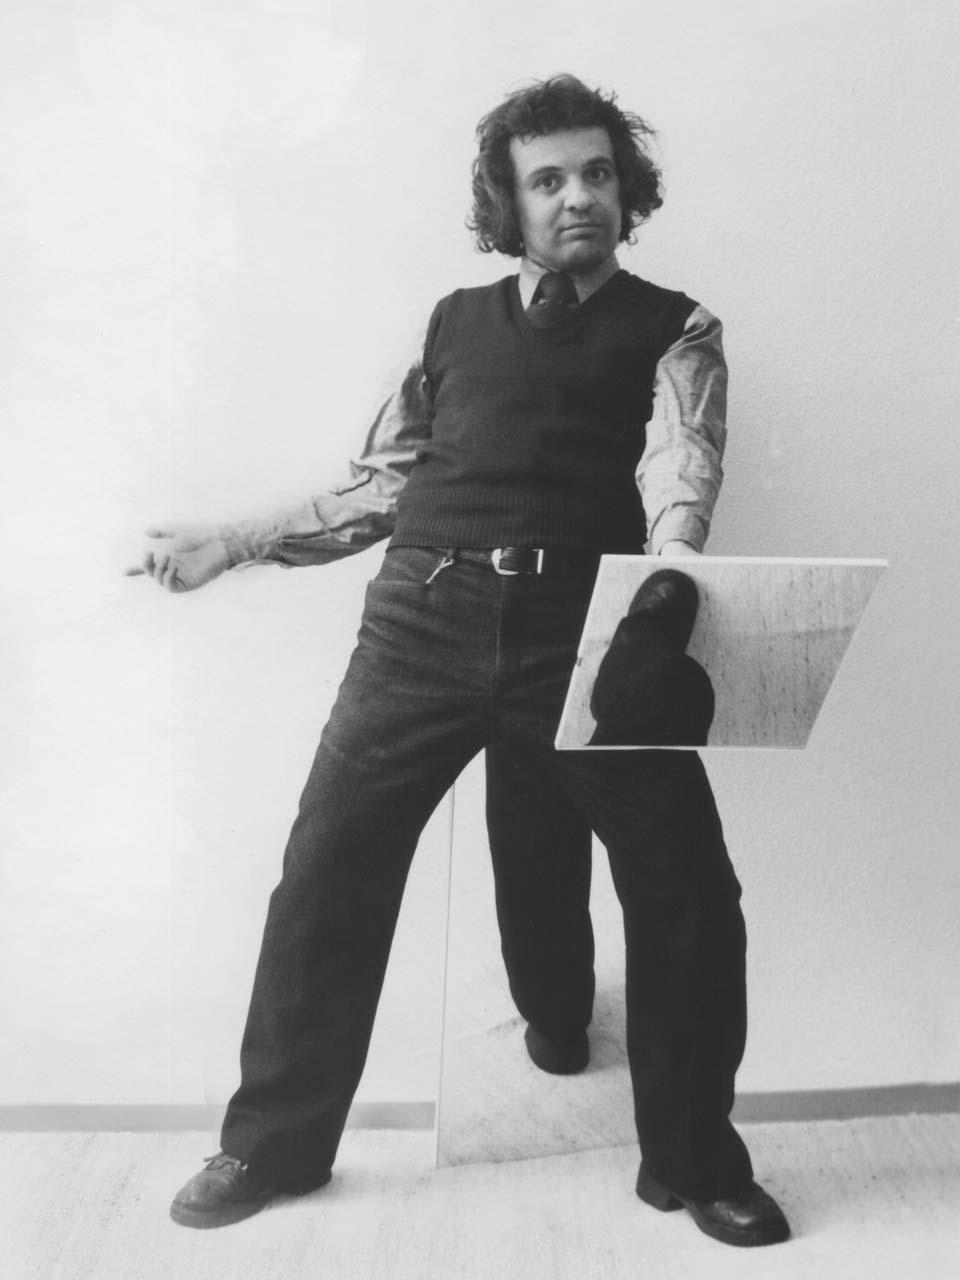 Geza Perneczky, Mirror, 1974